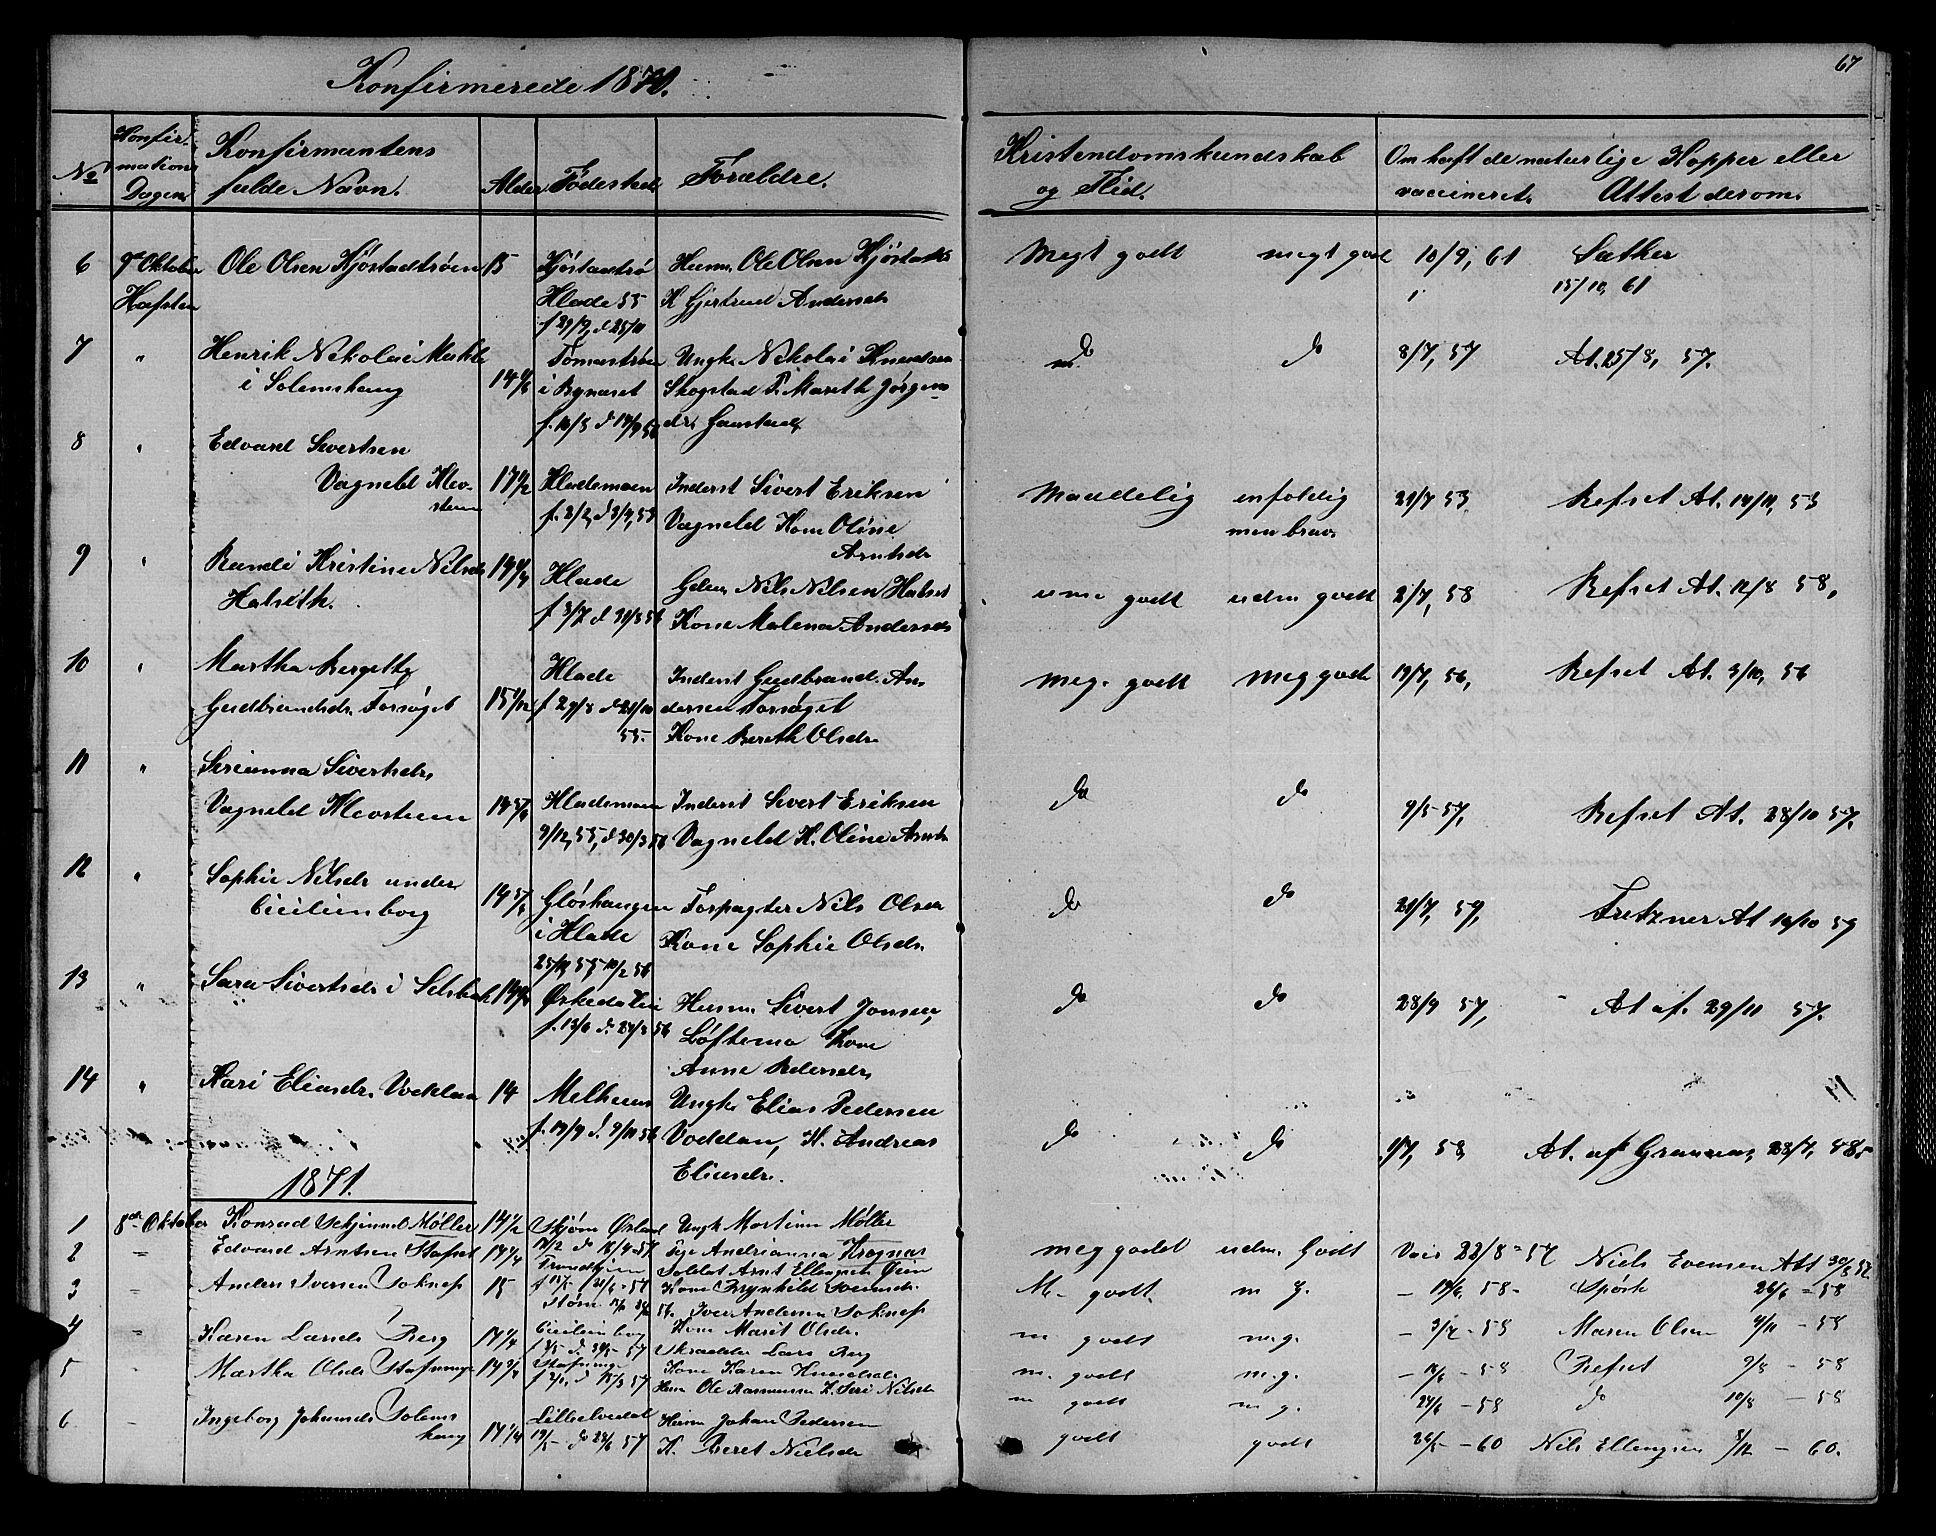 SAT, Ministerialprotokoller, klokkerbøker og fødselsregistre - Sør-Trøndelag, 611/L0353: Klokkerbok nr. 611C01, 1854-1881, s. 67